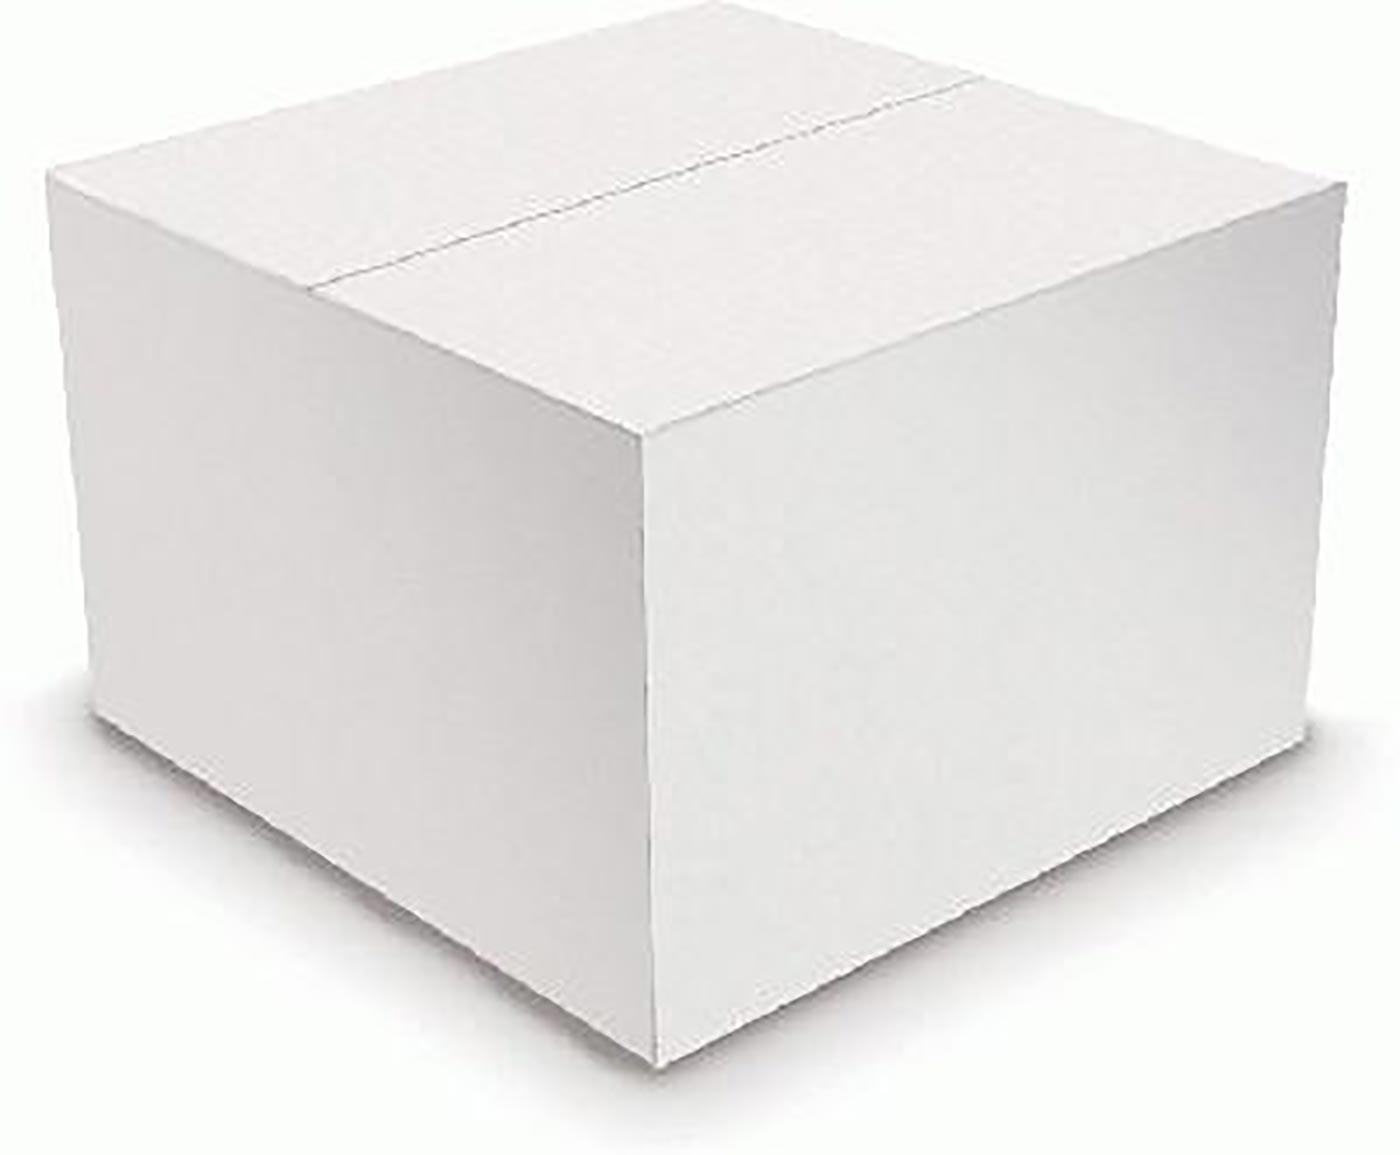 Balloon Box White